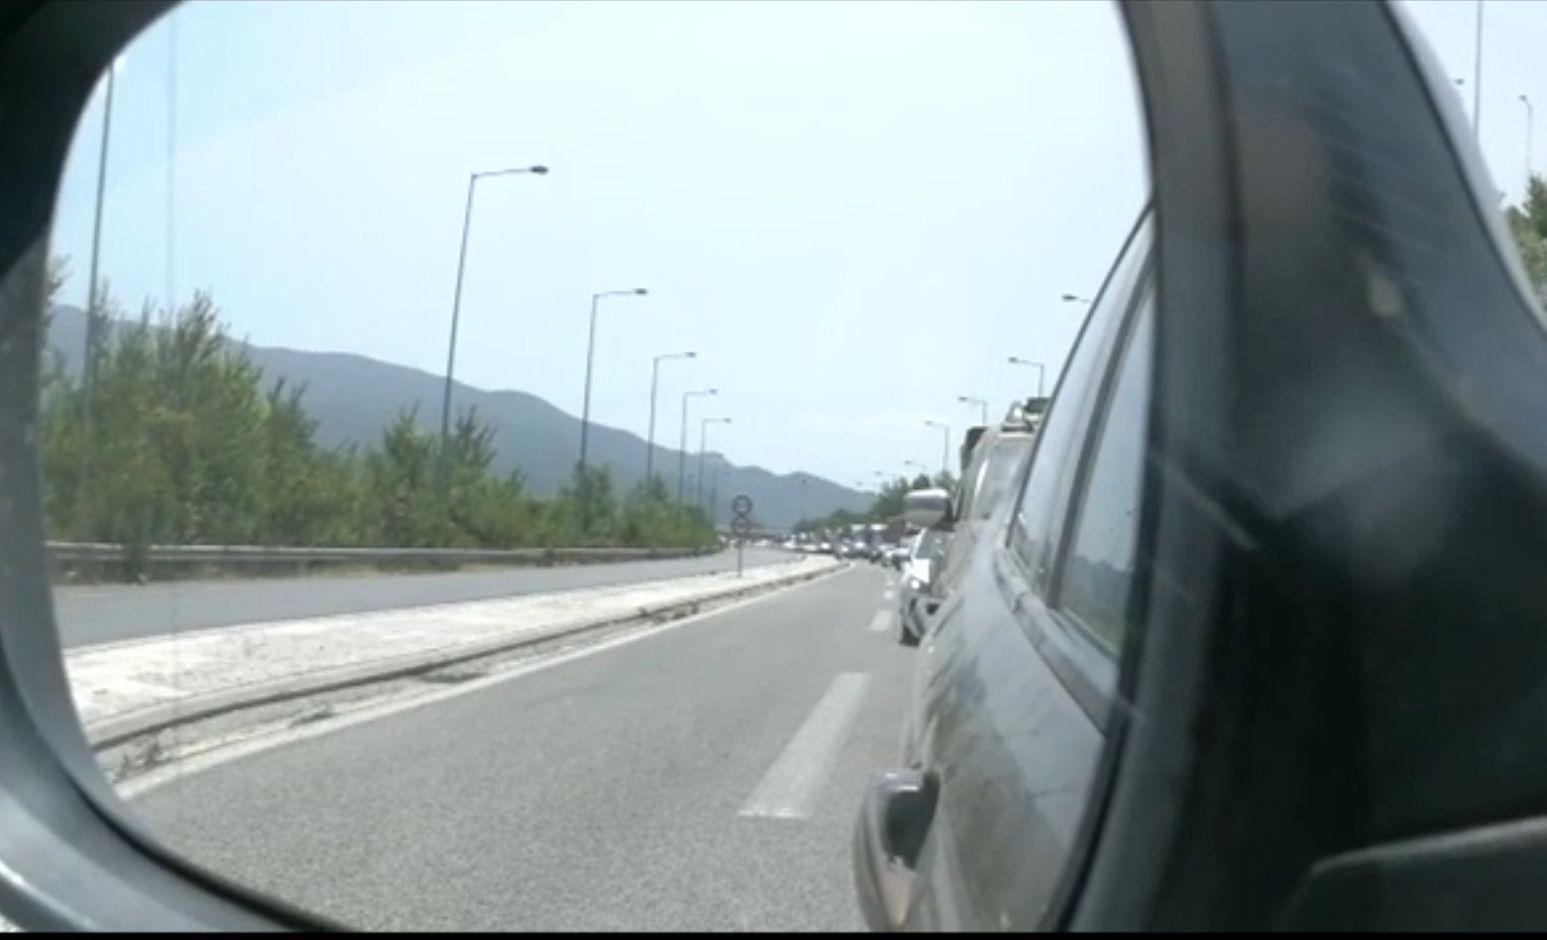 Românii încep să vină cu autocarele din Grecia, după intrarea țării pe lista roșie. Și-au scurtat sejurul să evite caranti